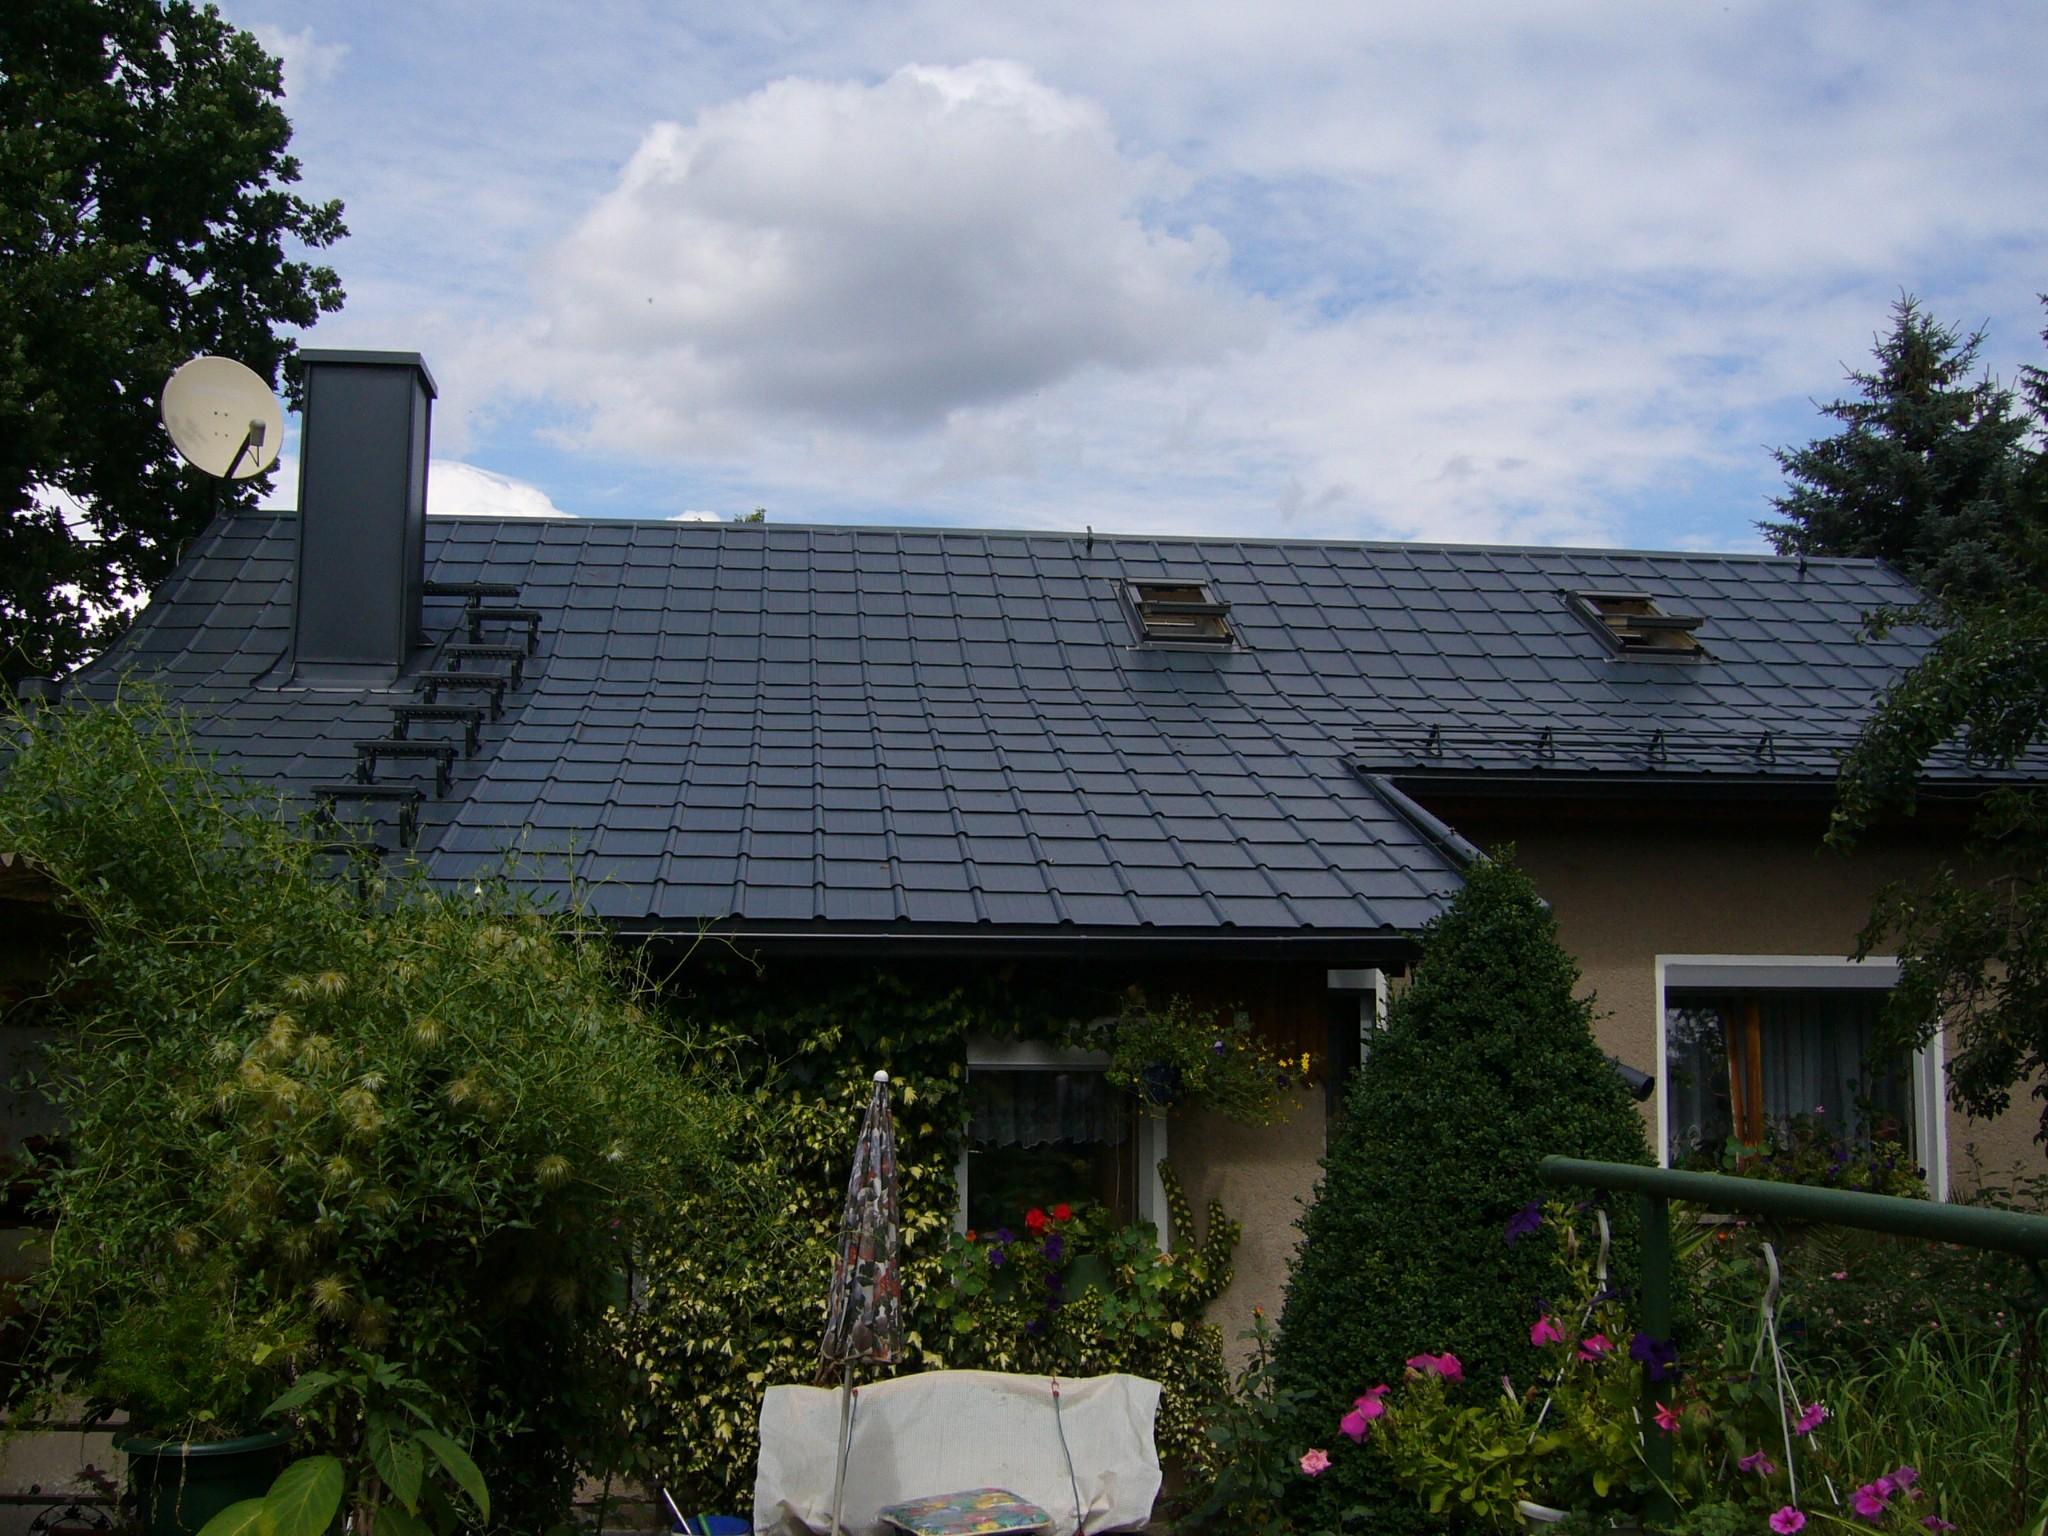 Foto: Prefa Dacheindeckung mit Dachplatten an einem Wohnhaus in Plauen